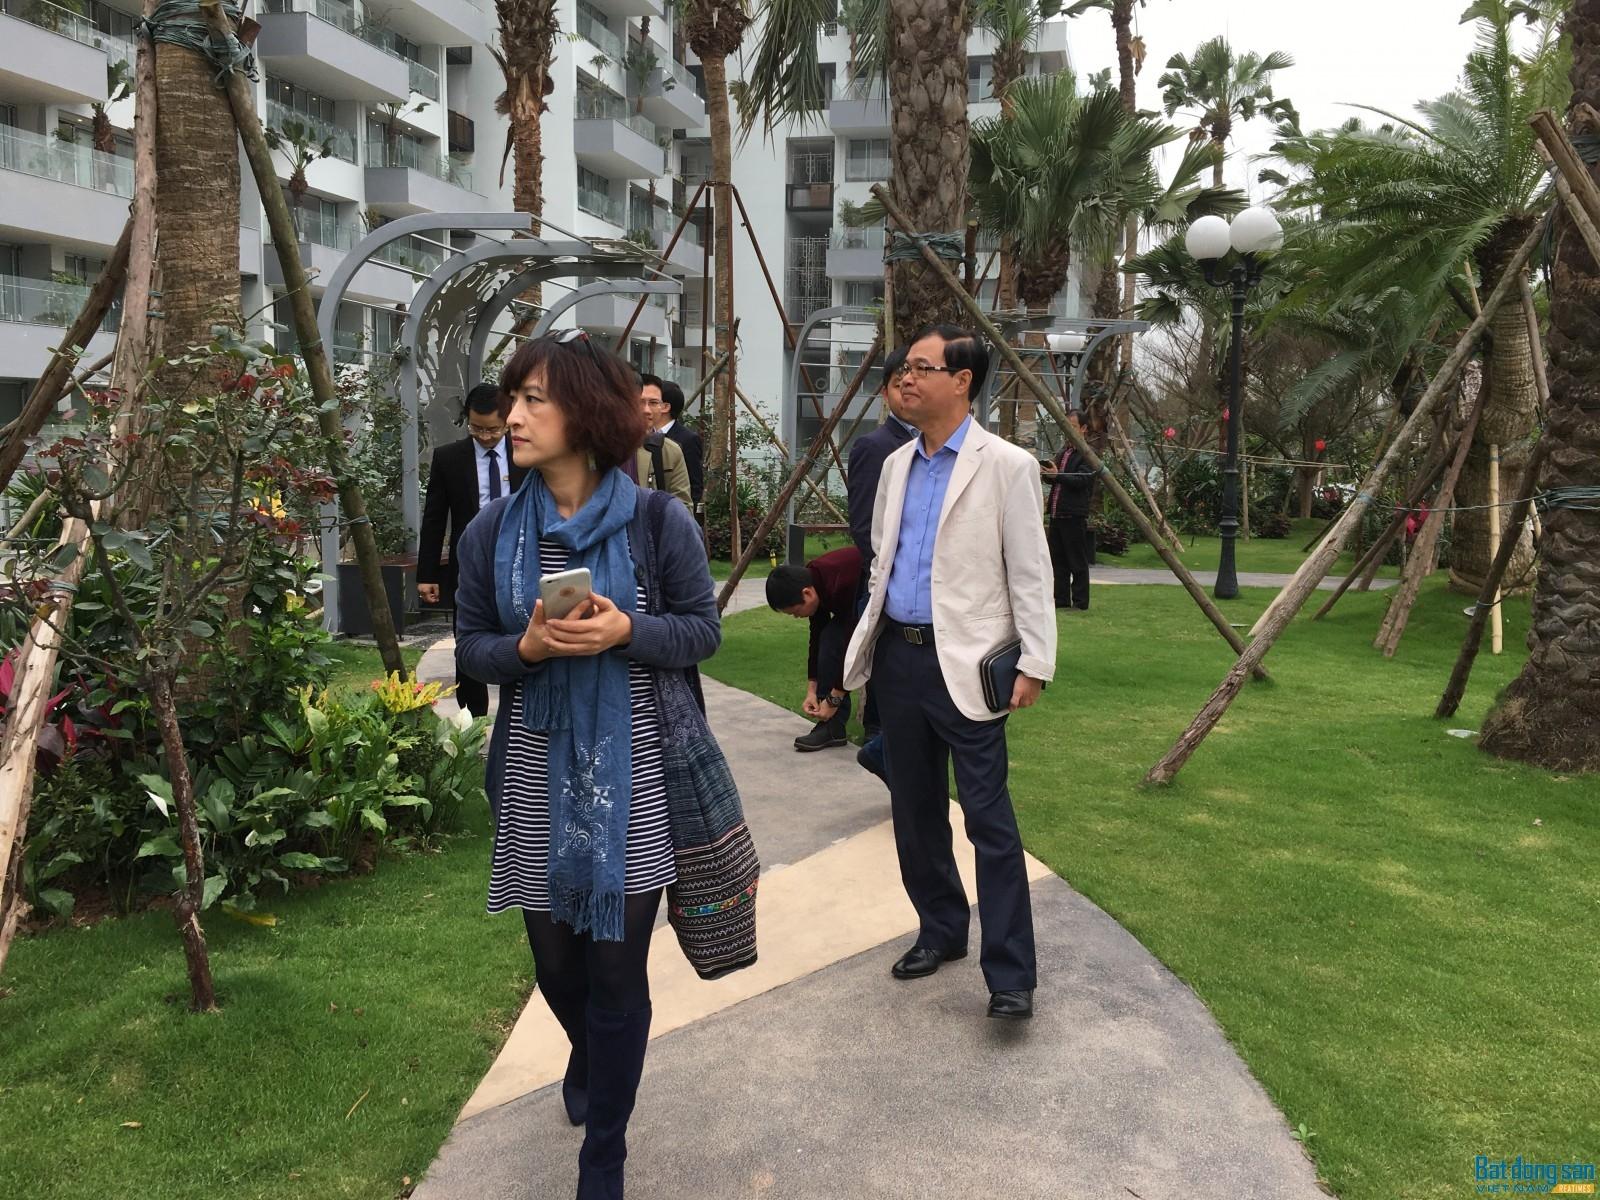 Bà Phạm Thúy Loan và các thành viên Hội đồng giám khảo trong chuyến khảo sát dự án Flamingo Resort Đại Lải.